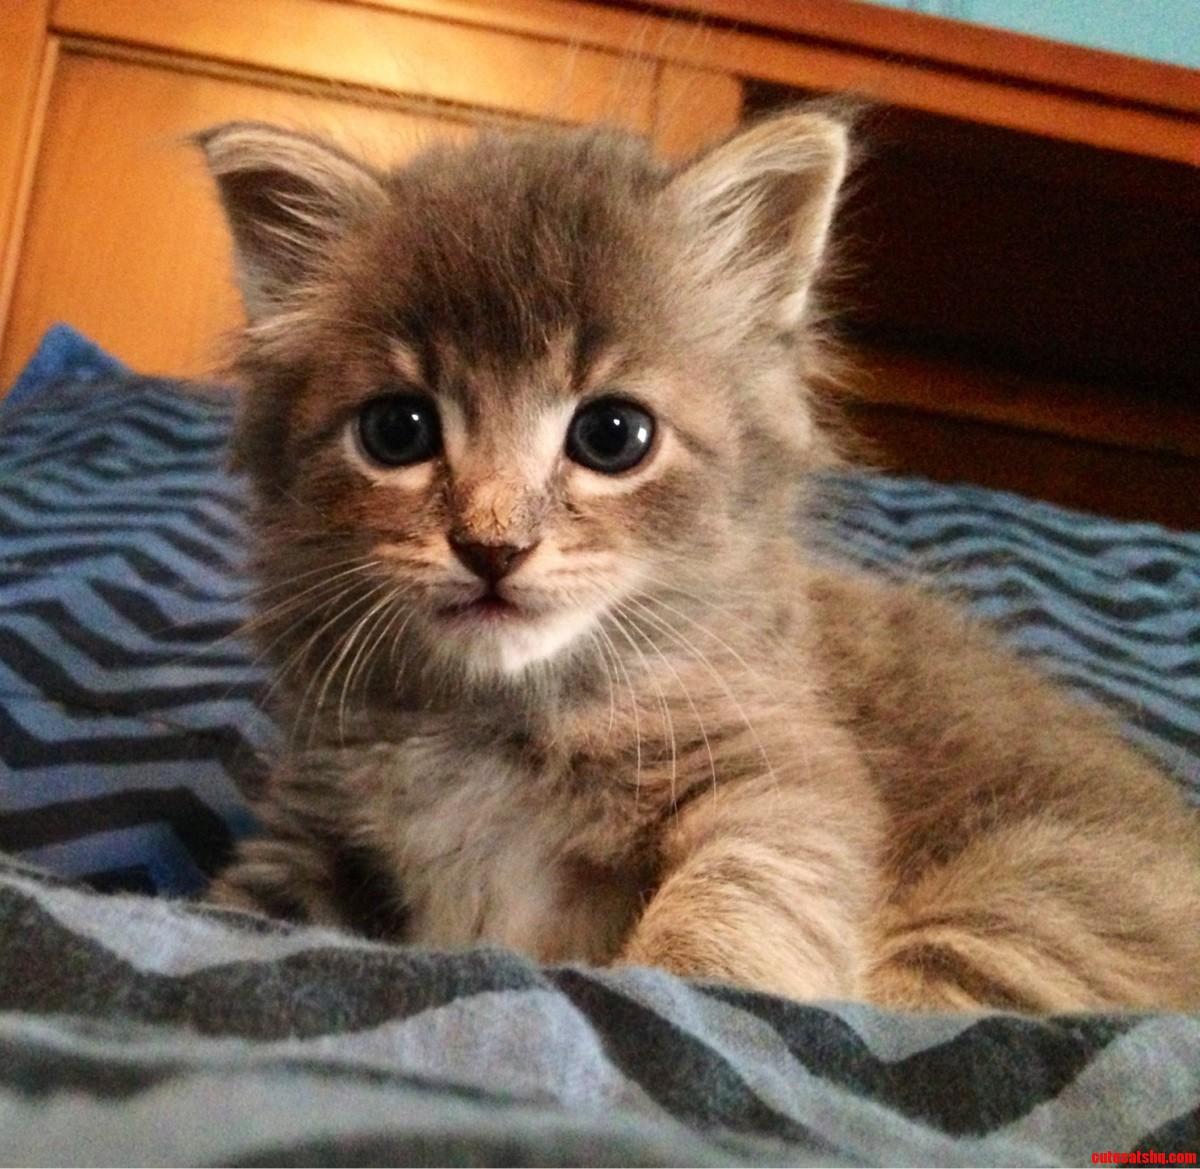 My Maine Coon Kitten